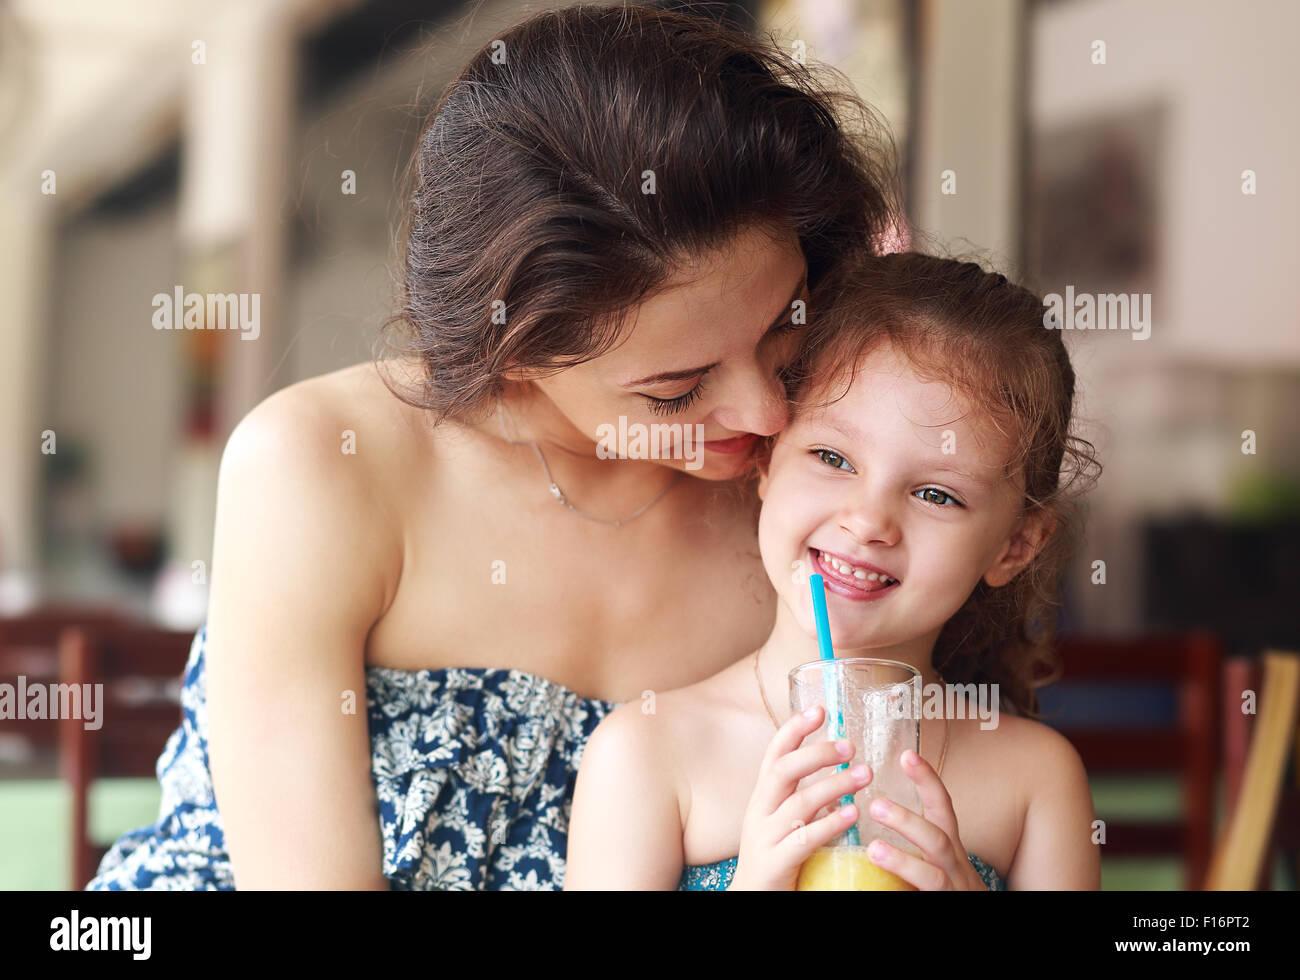 Glückliche Mutter suchen und ihre Tochter umarmt, die trinken Saft von Zitrusfrüchten in städtischen Stockbild